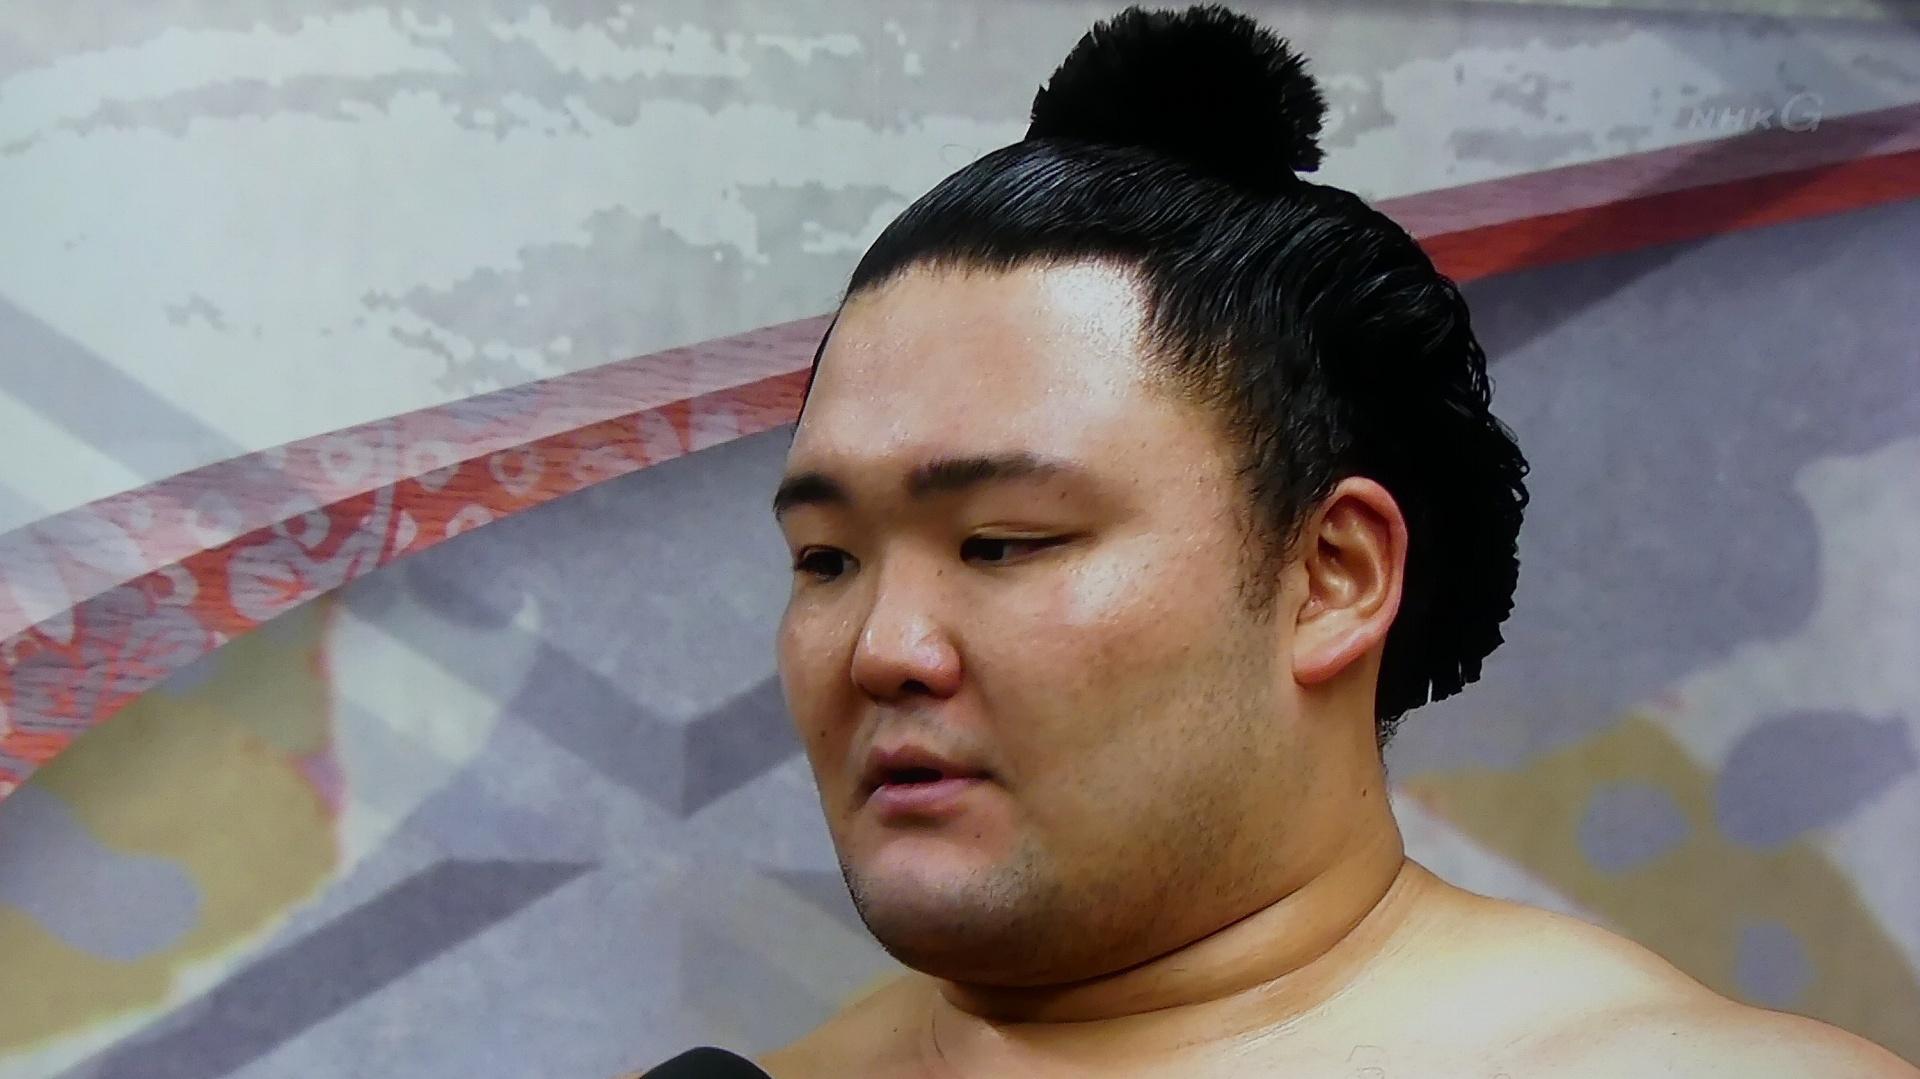 令和最初の大相撲は 朝乃山 が優勝!_a0185081_19515792.jpg